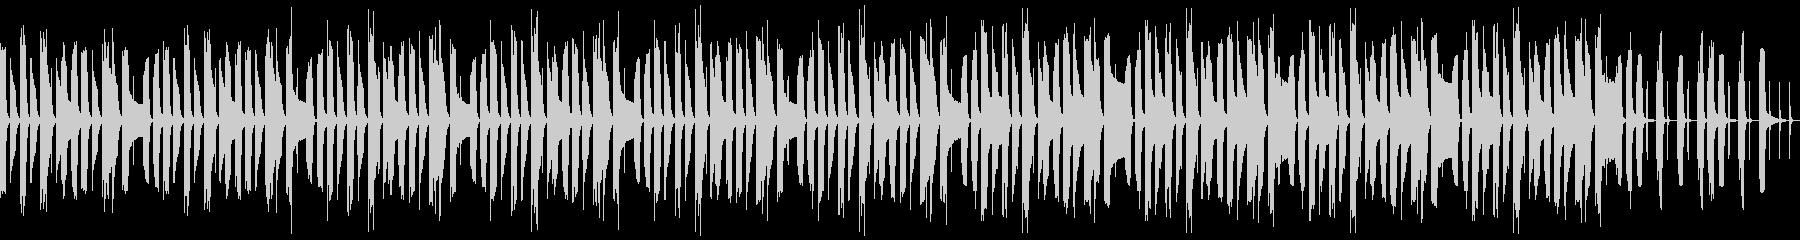 マリンバの可愛くて愉快な曲(ループ)の未再生の波形